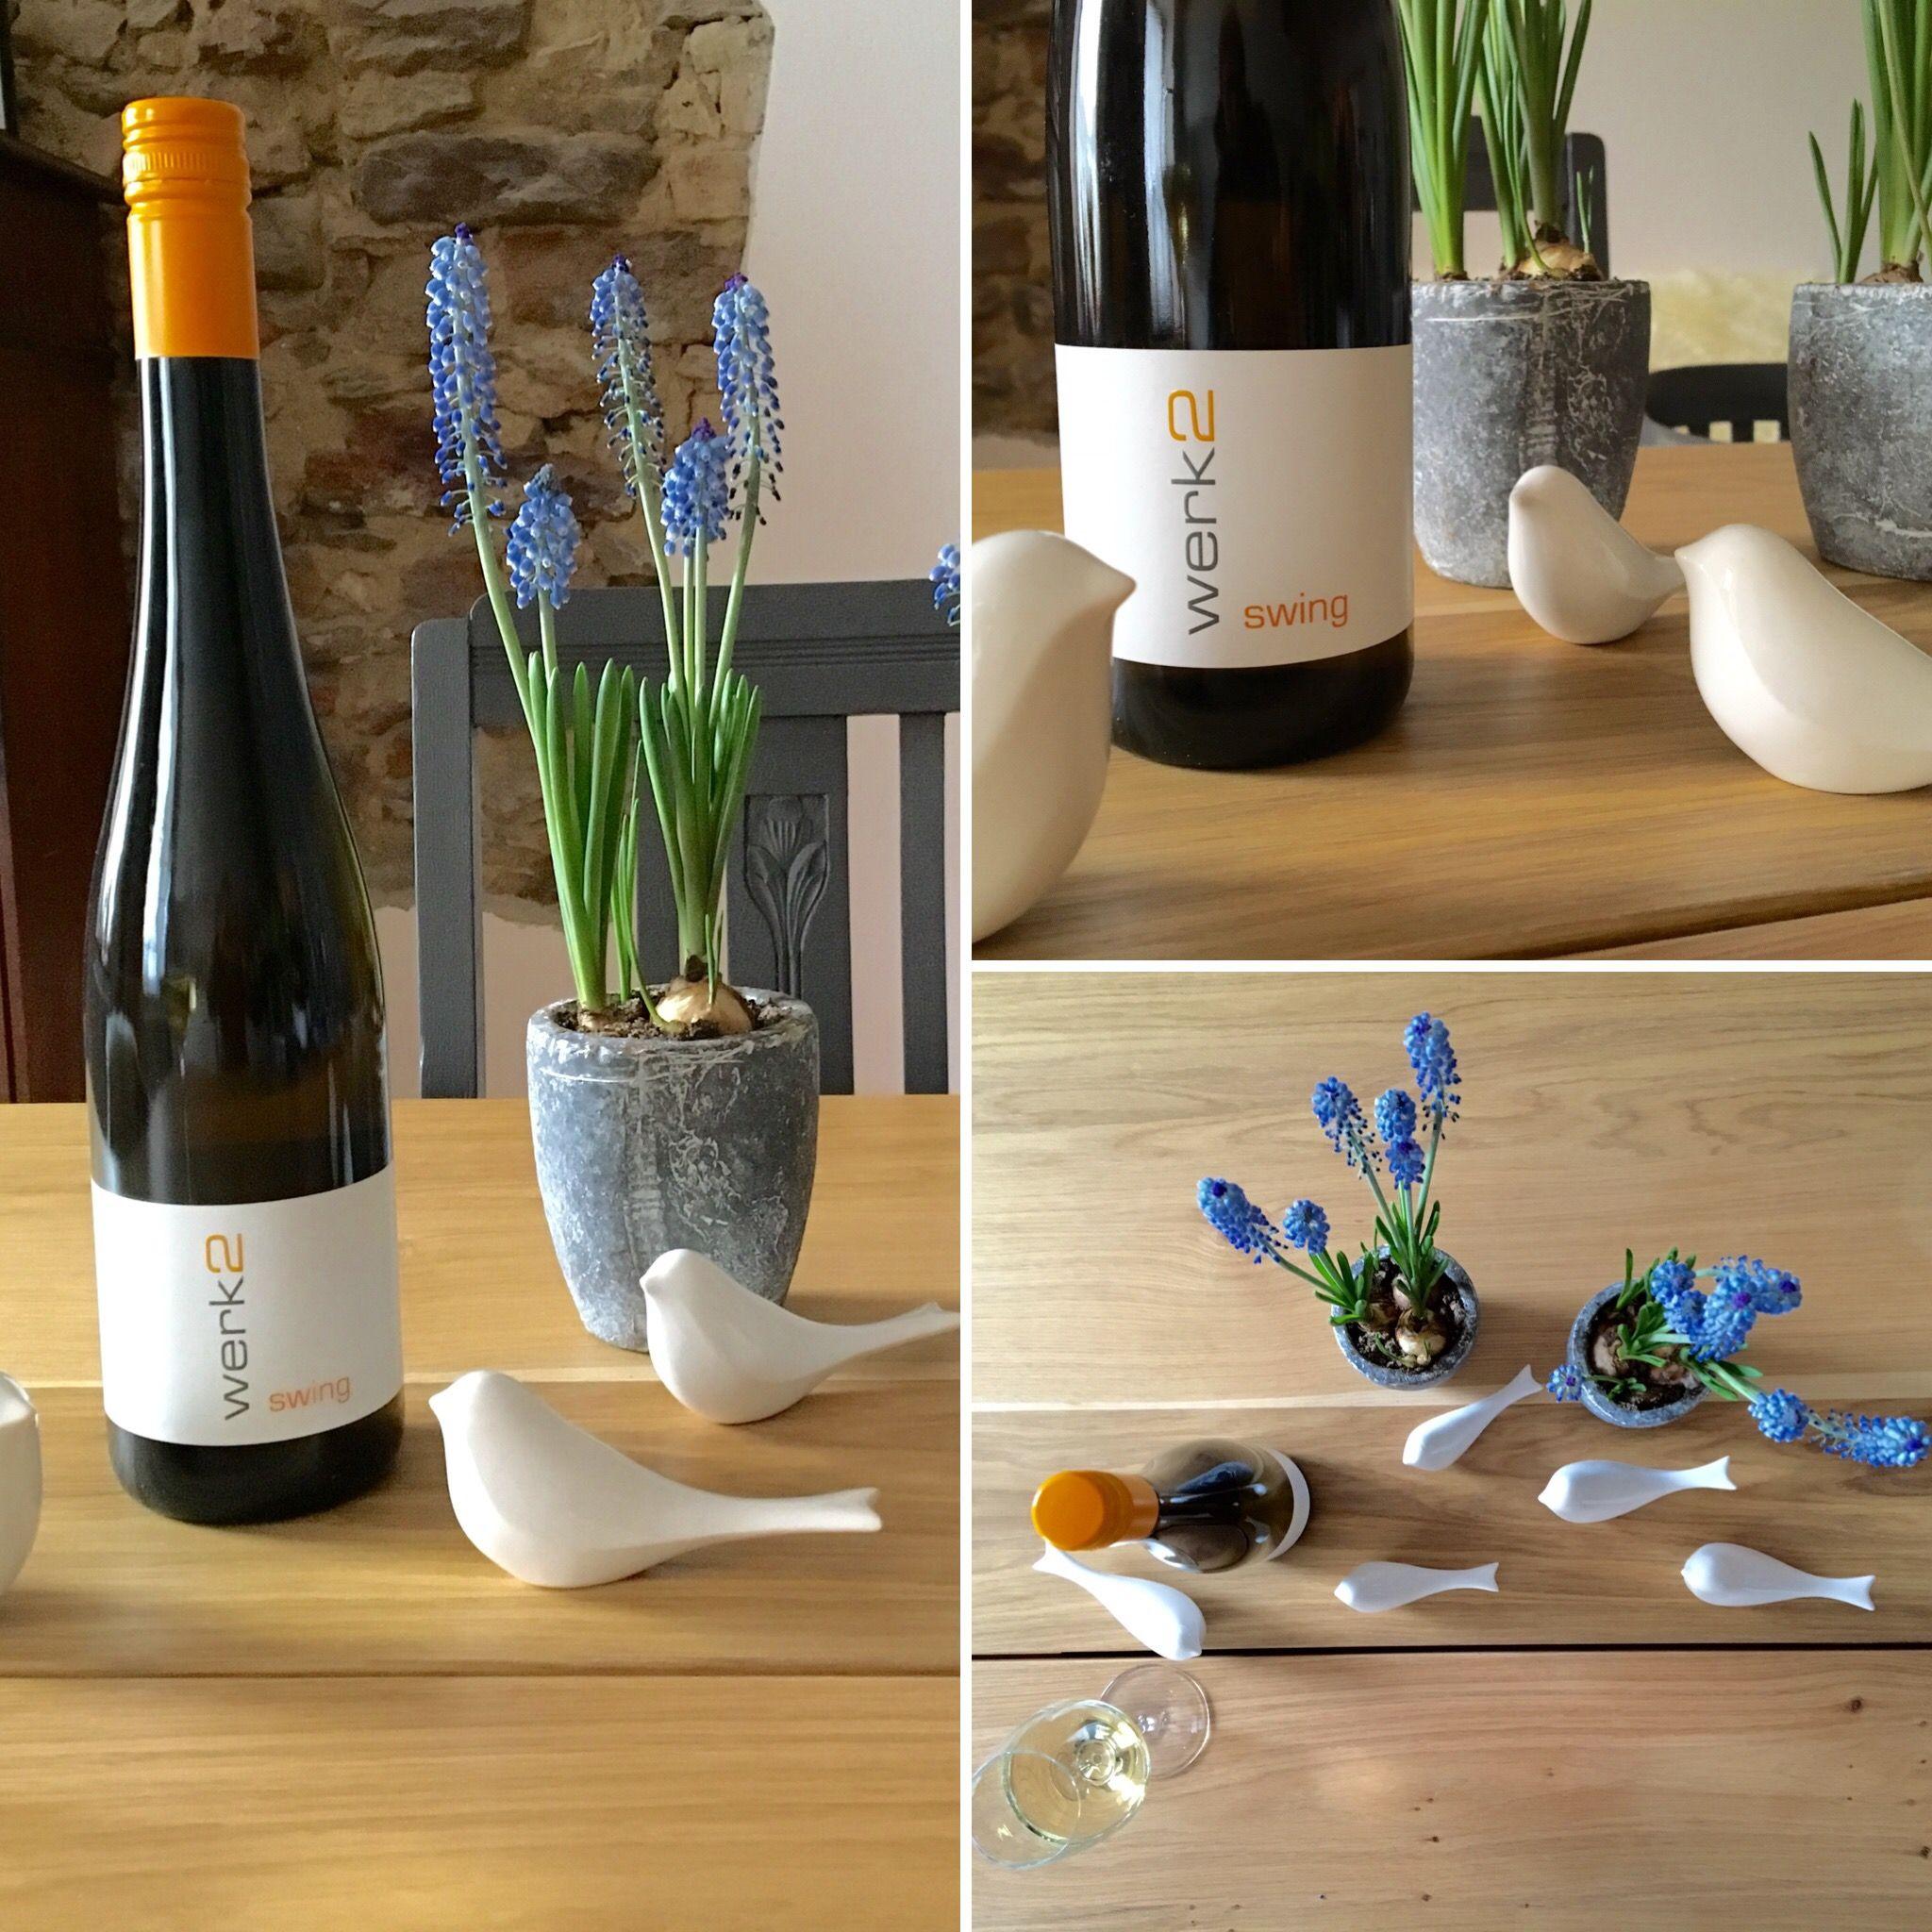 #spring in the air ...  #Weingut #werk2 #werk2weine #Vinothek #Weinprobe #Geisenheim #Riesling #Rheingau #HANDEMADE #winetasting #kulturlandrheingau #mywinemoment #breitengrad50 #Johannisberg #winery